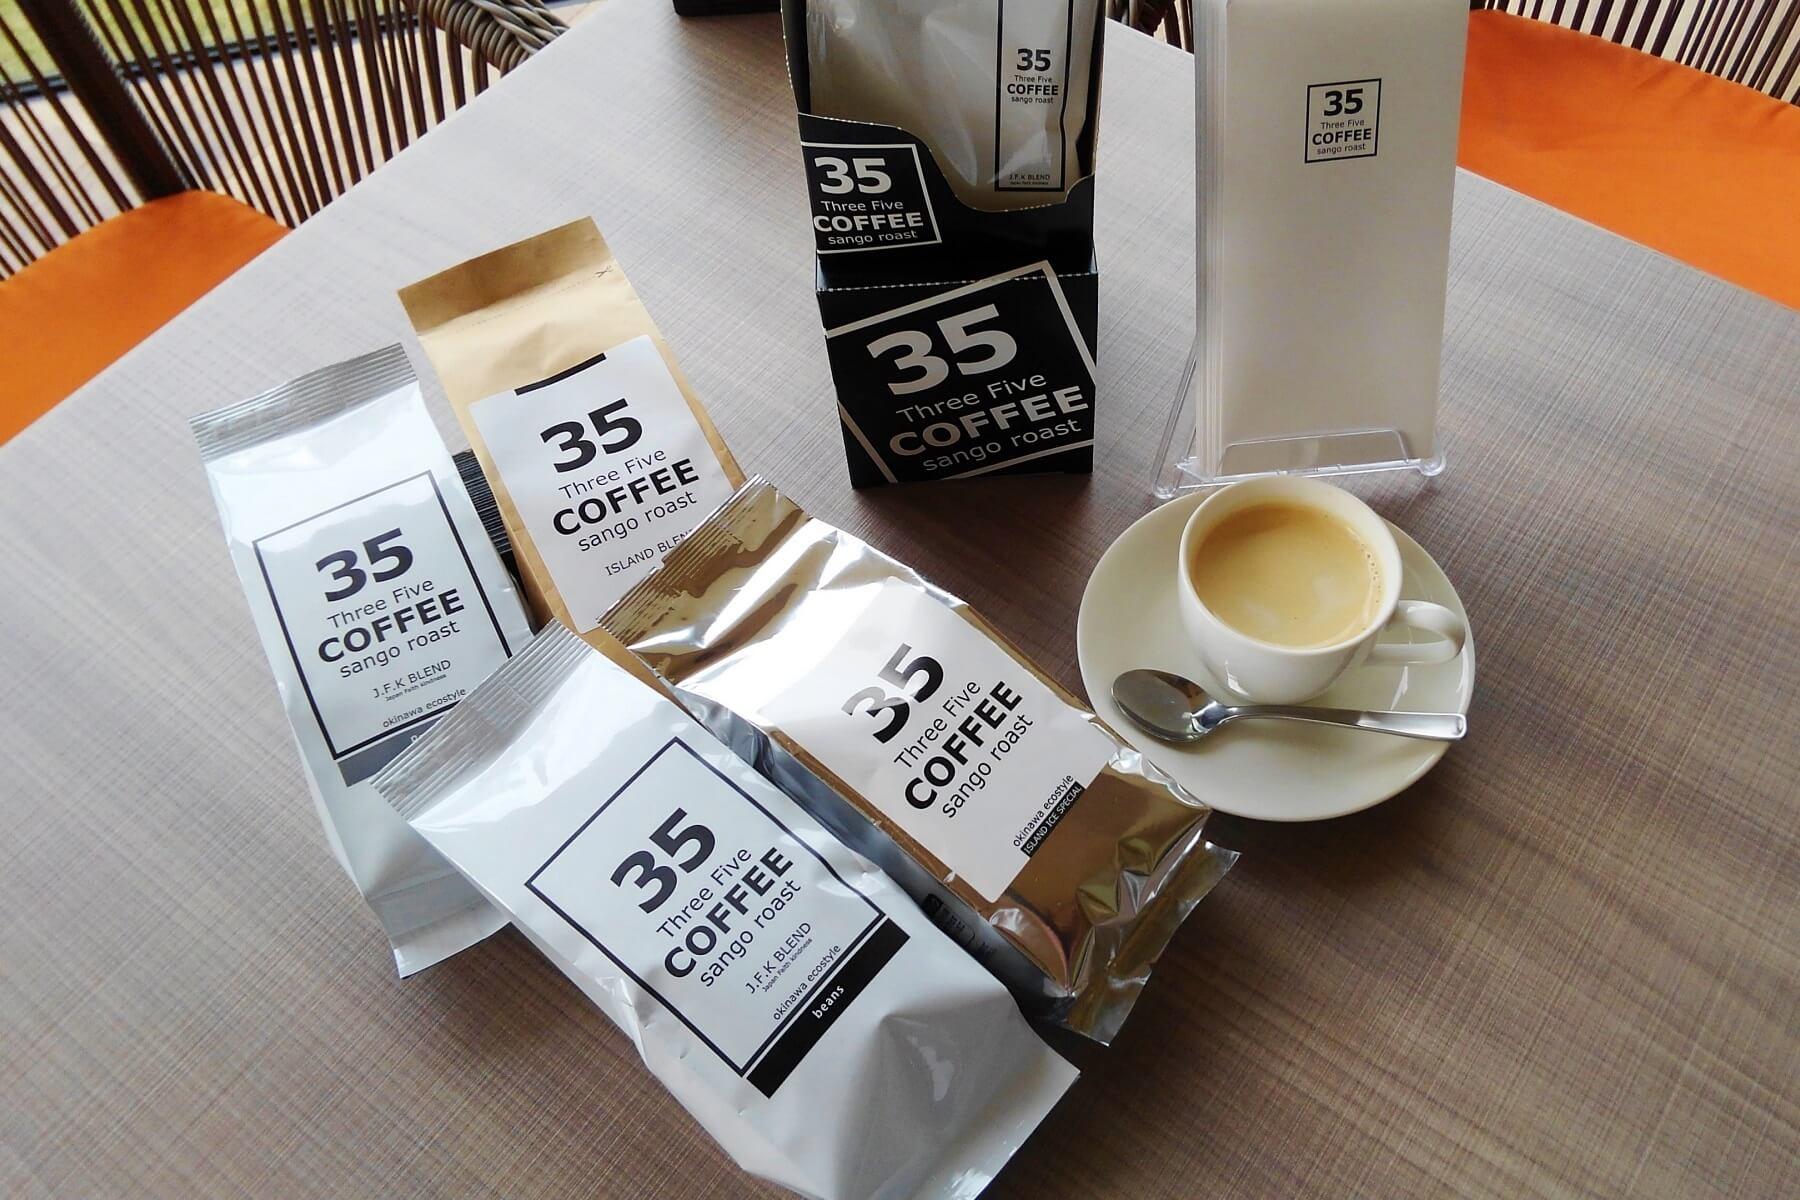 沖縄限定!35コーヒーを販売中